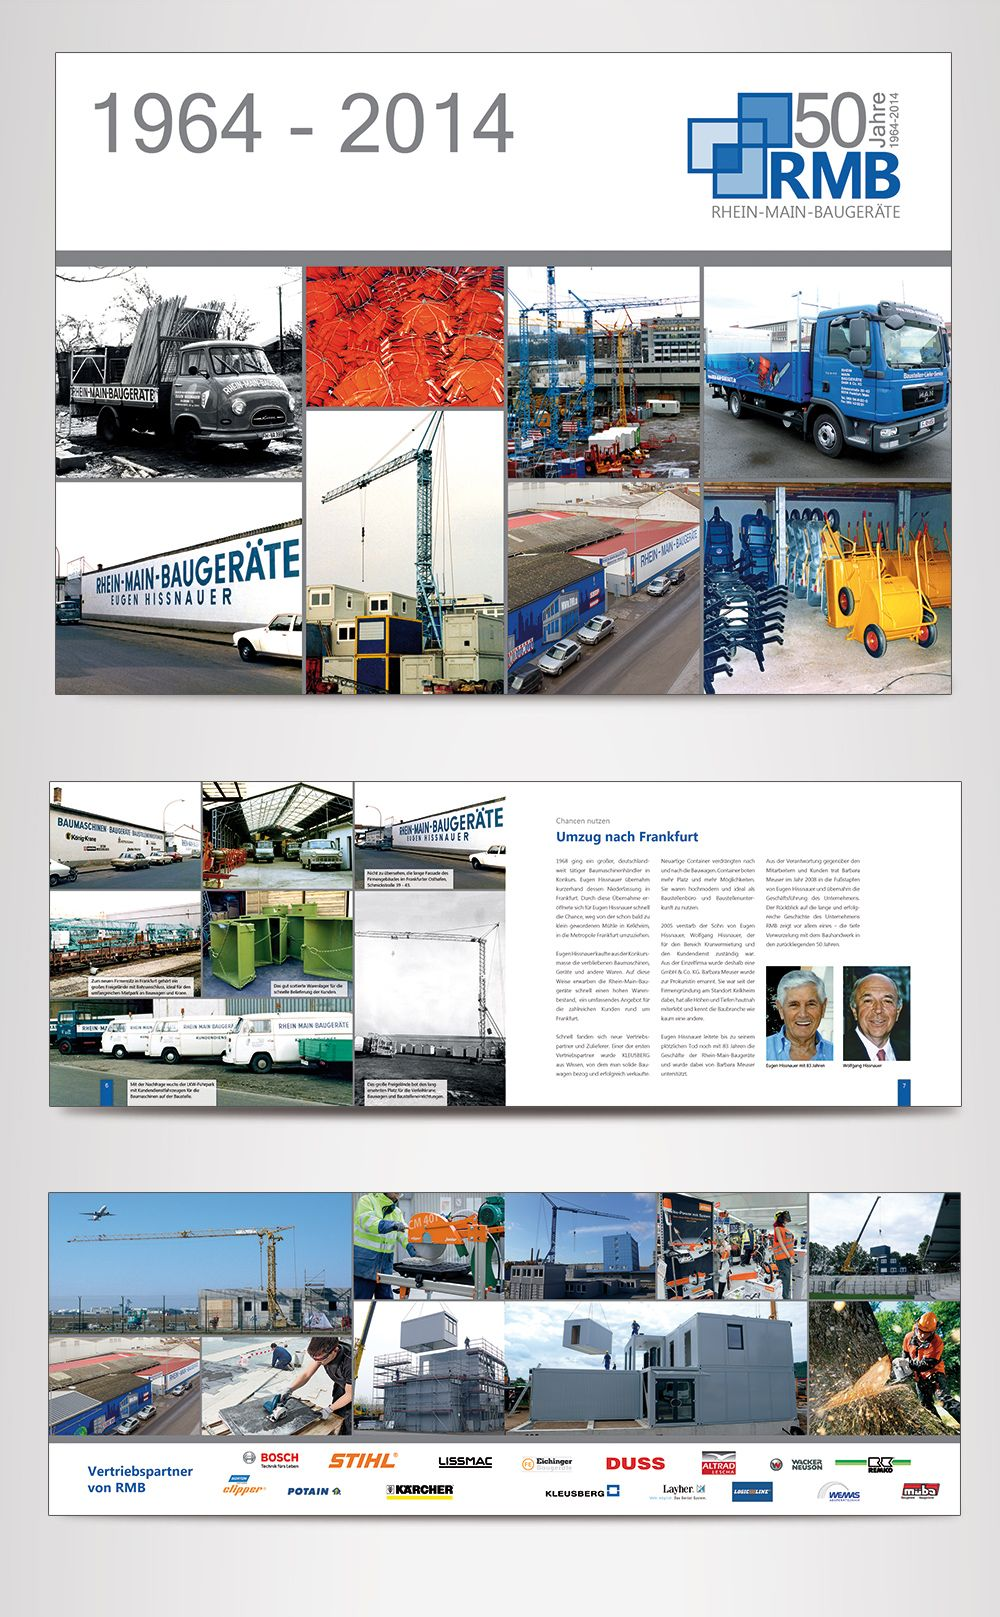 Jubiläumsbroschüre zum 50-jährigen Bestehen der Firma Rhein-Main-Baugeräte (RMB) in Frankfurt